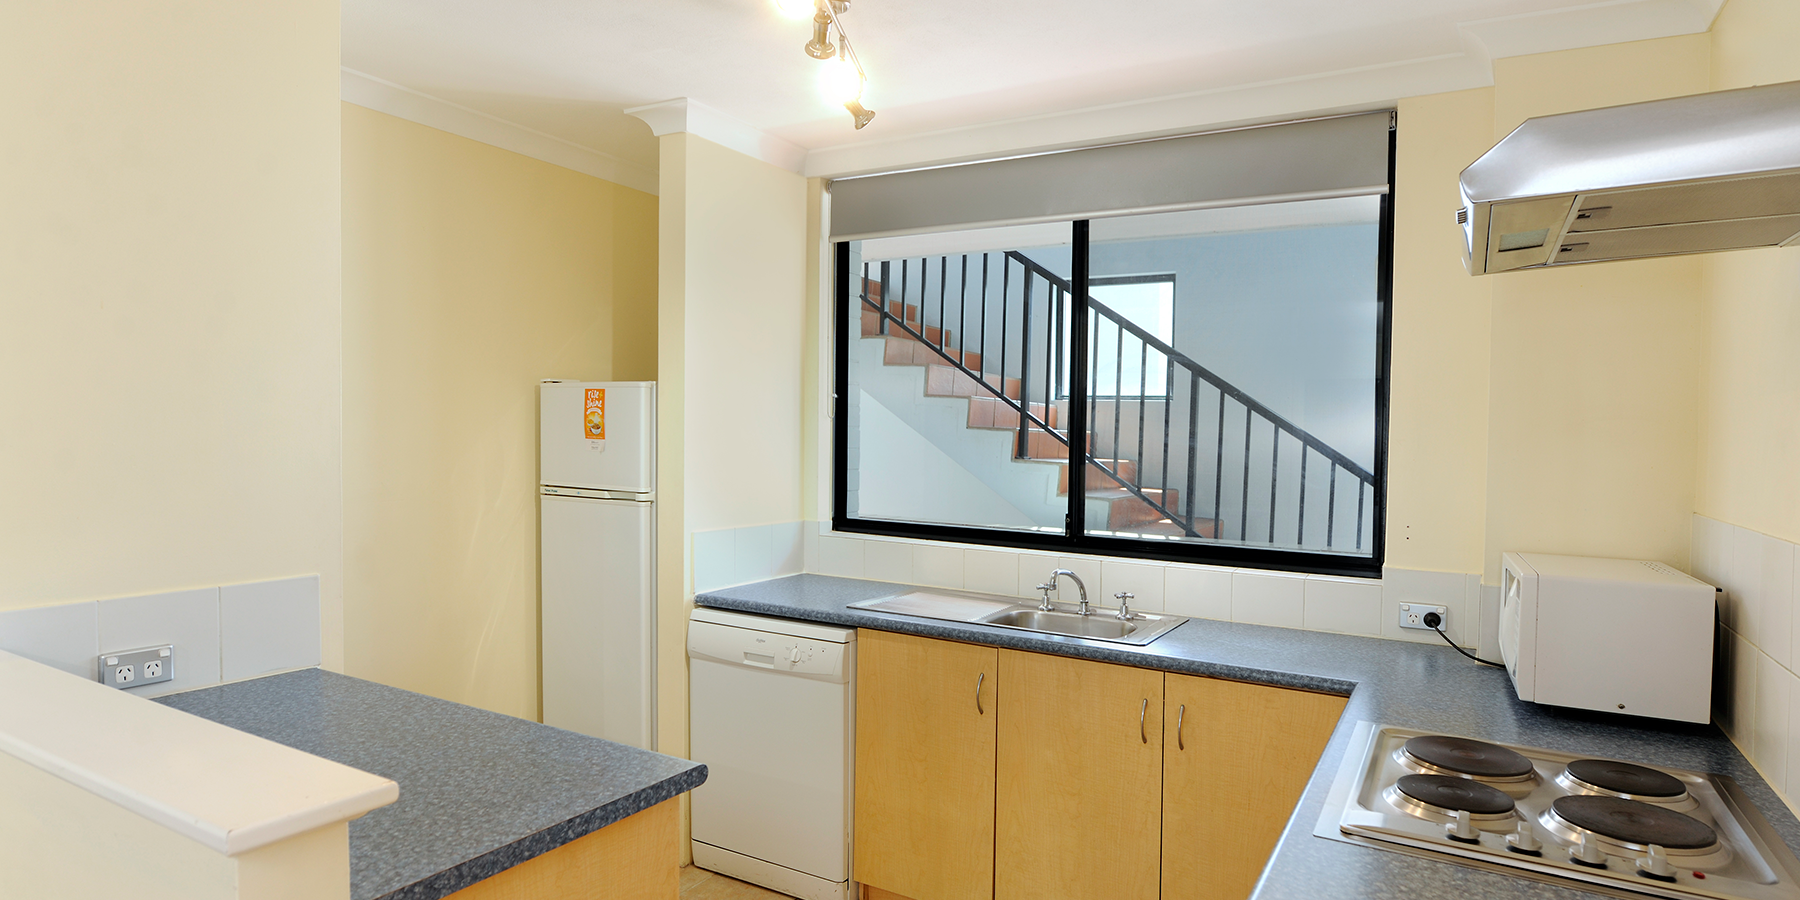 Family Apartment Kitchen View